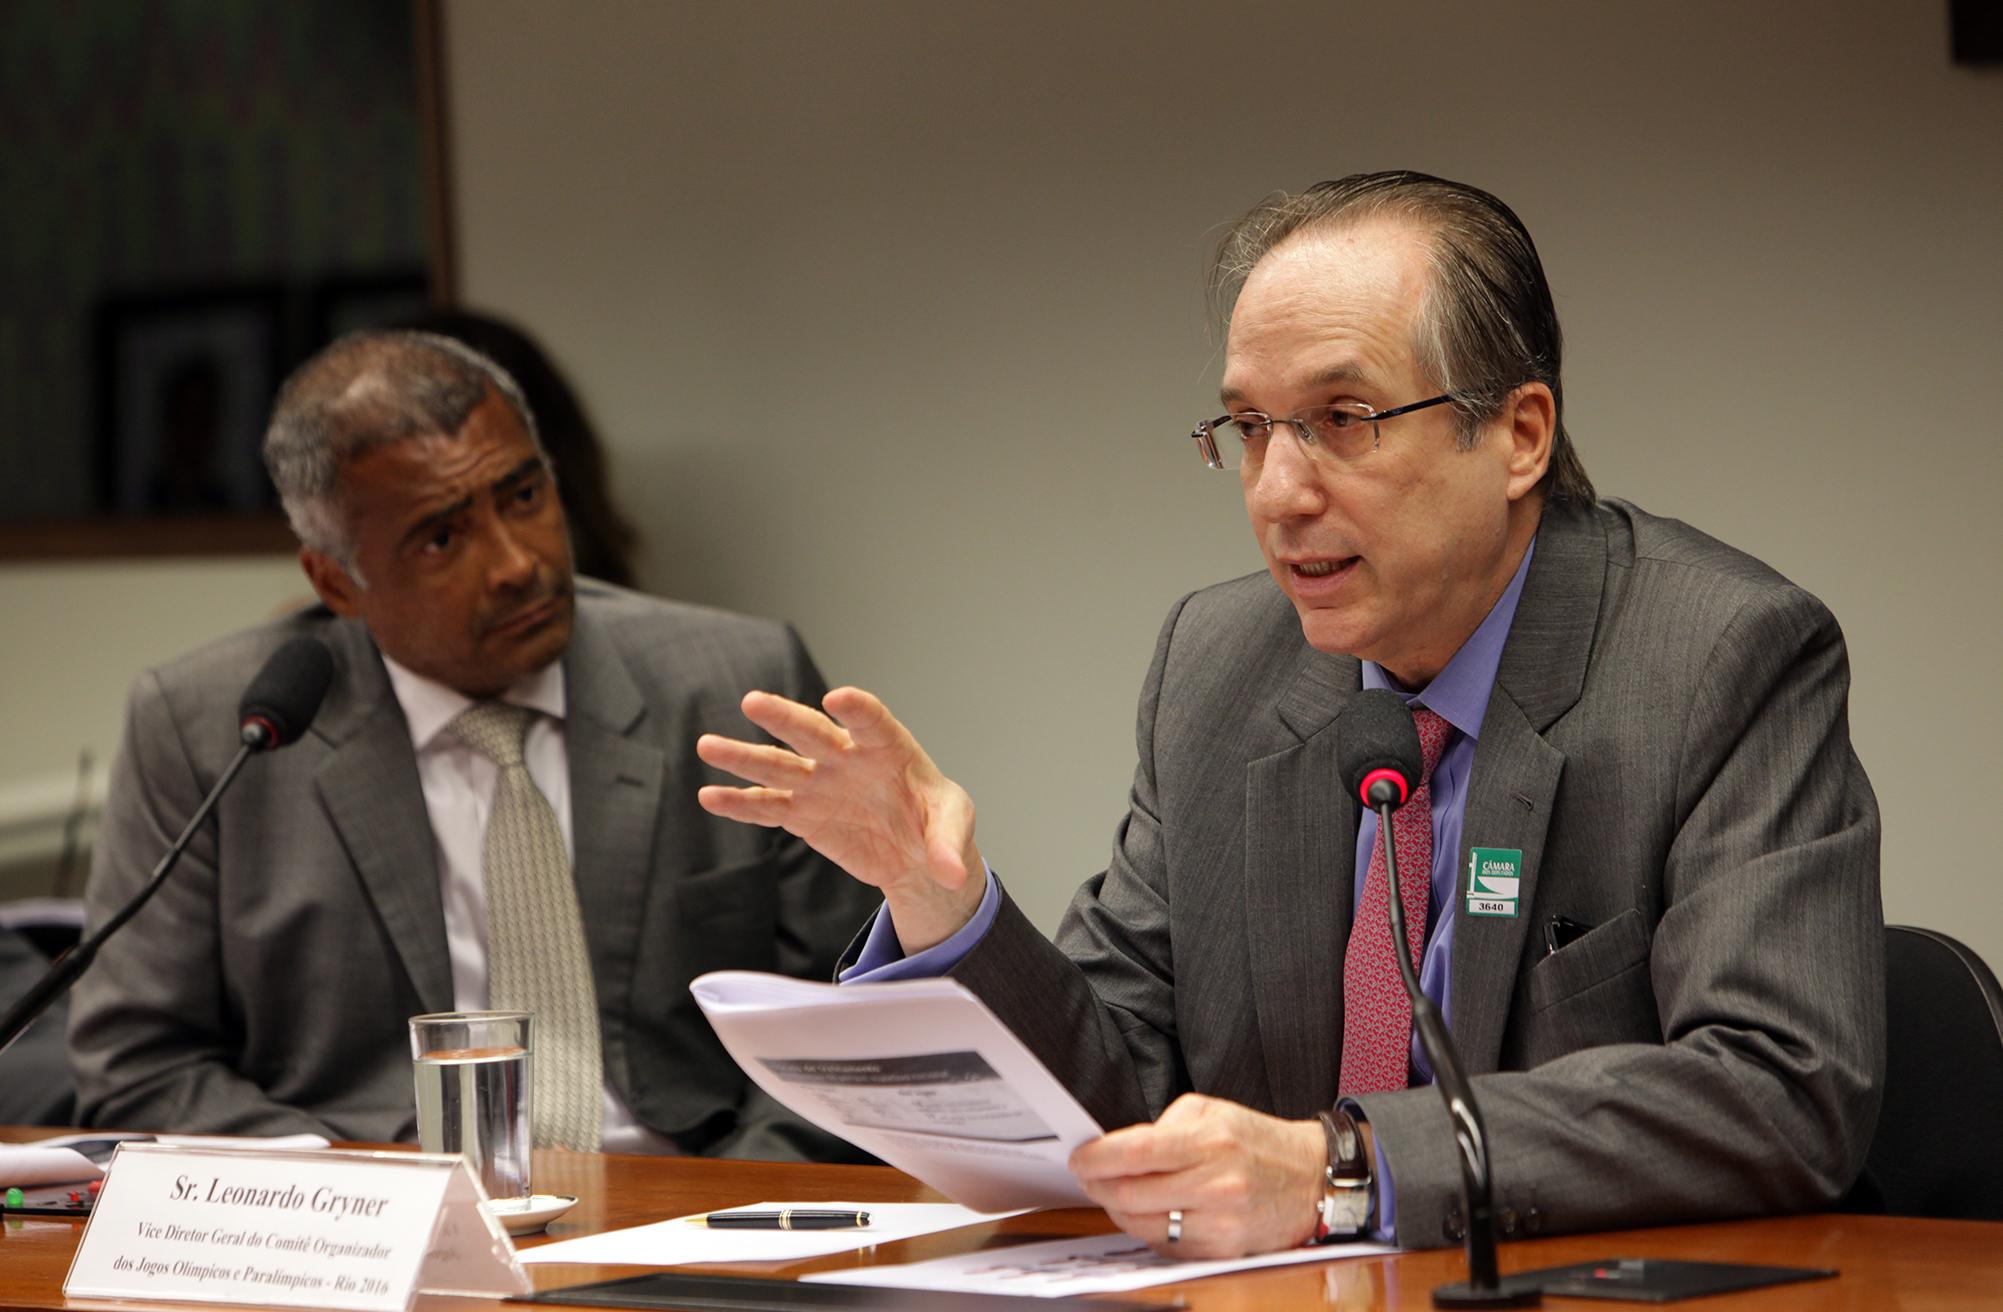 Audiência pública na Comissão de Esporte, Romário e Leonardo Gryner